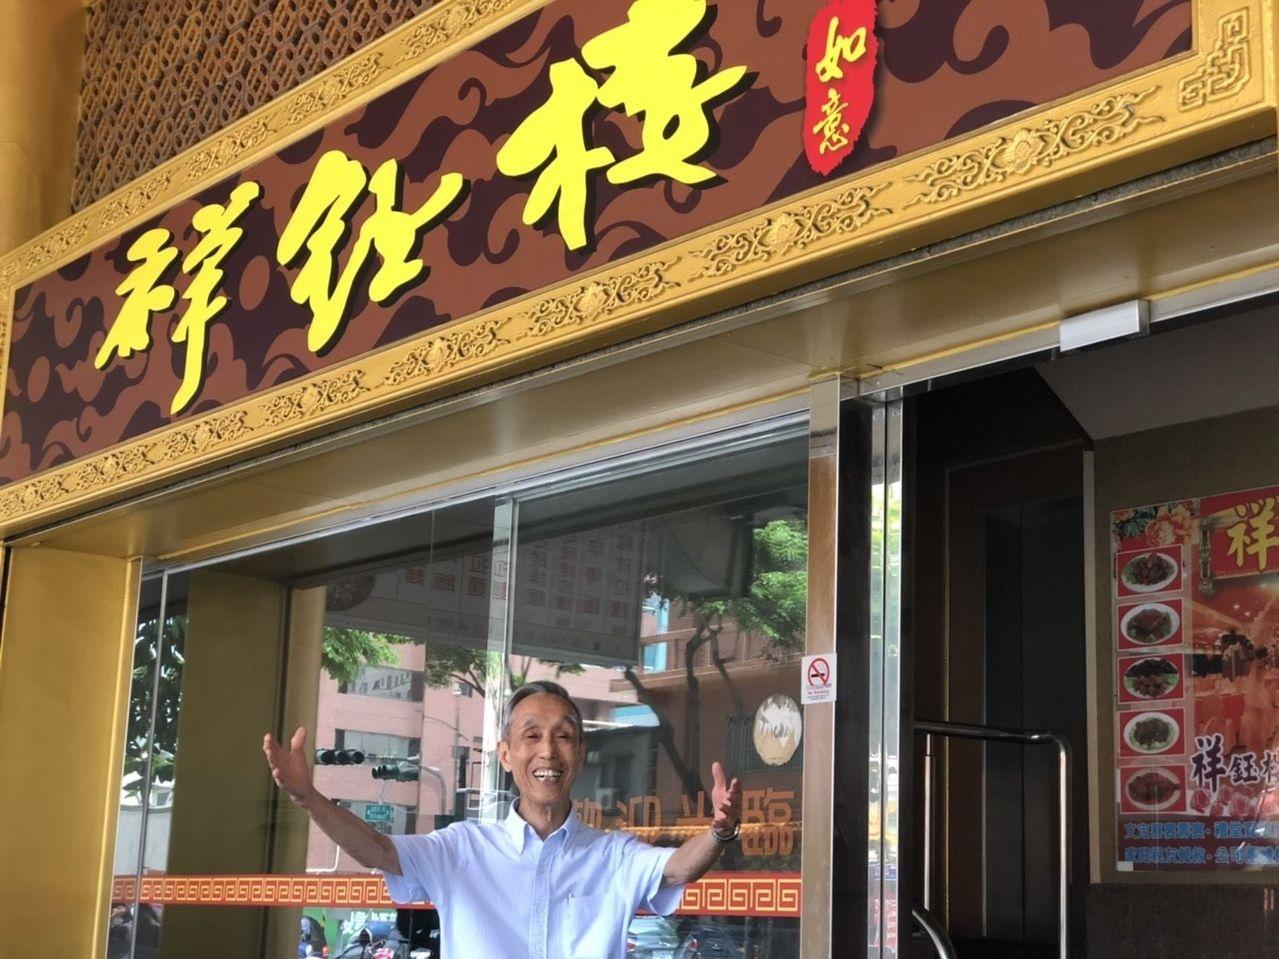 記者今天實地走訪新崛江商圈,發現周邊不少黃金店面、攤位貼著租,或寫「租金優惠中」。中午時段開店家數不多,下午4點過後人潮漸增。記者王慧瑛/攝影